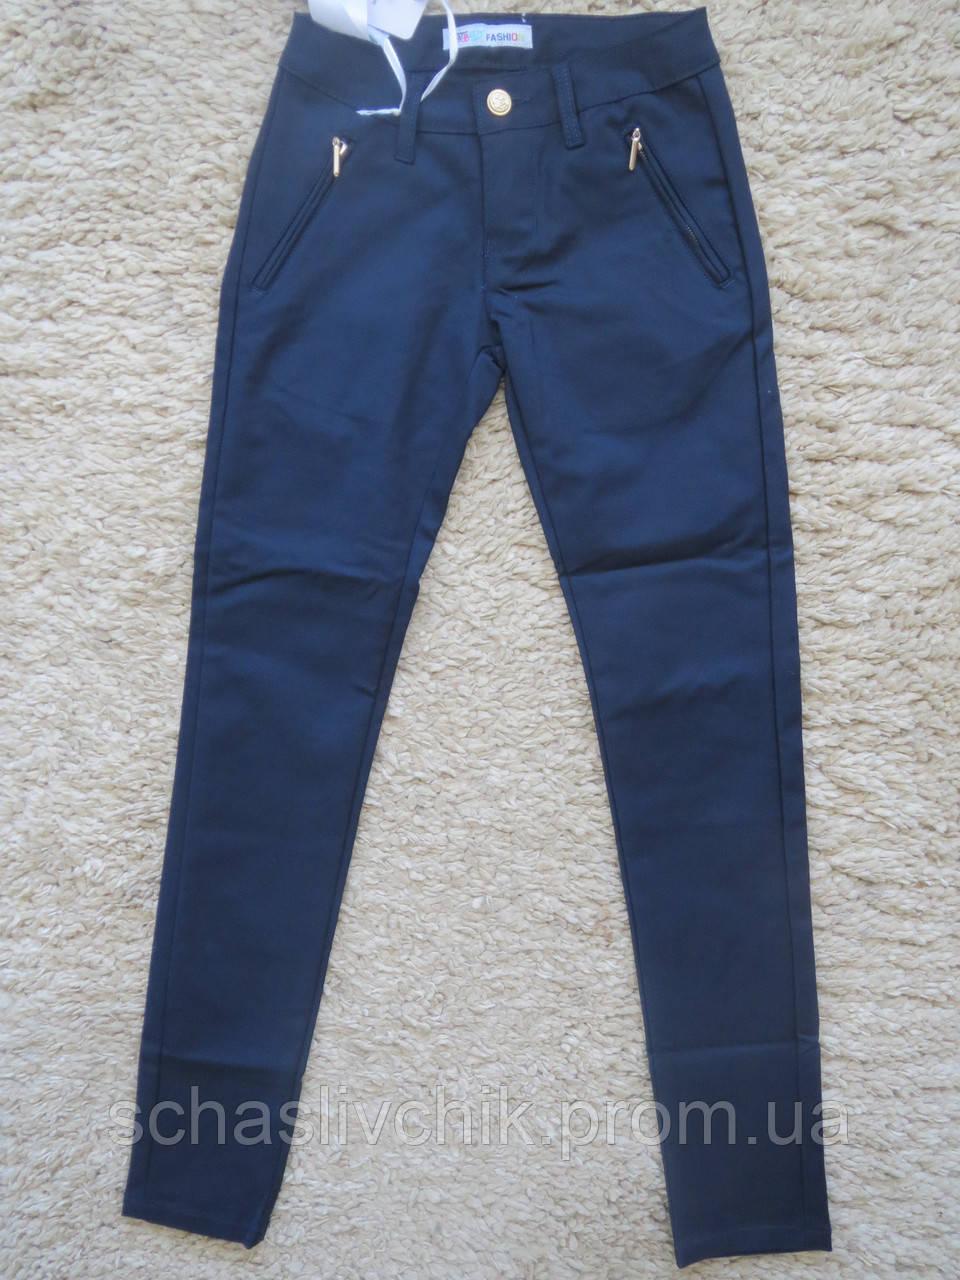 Котоновые брюки для  девочек подростков,ШКОЛА.Размеры 6-16 Фирма F&D, Венгрия